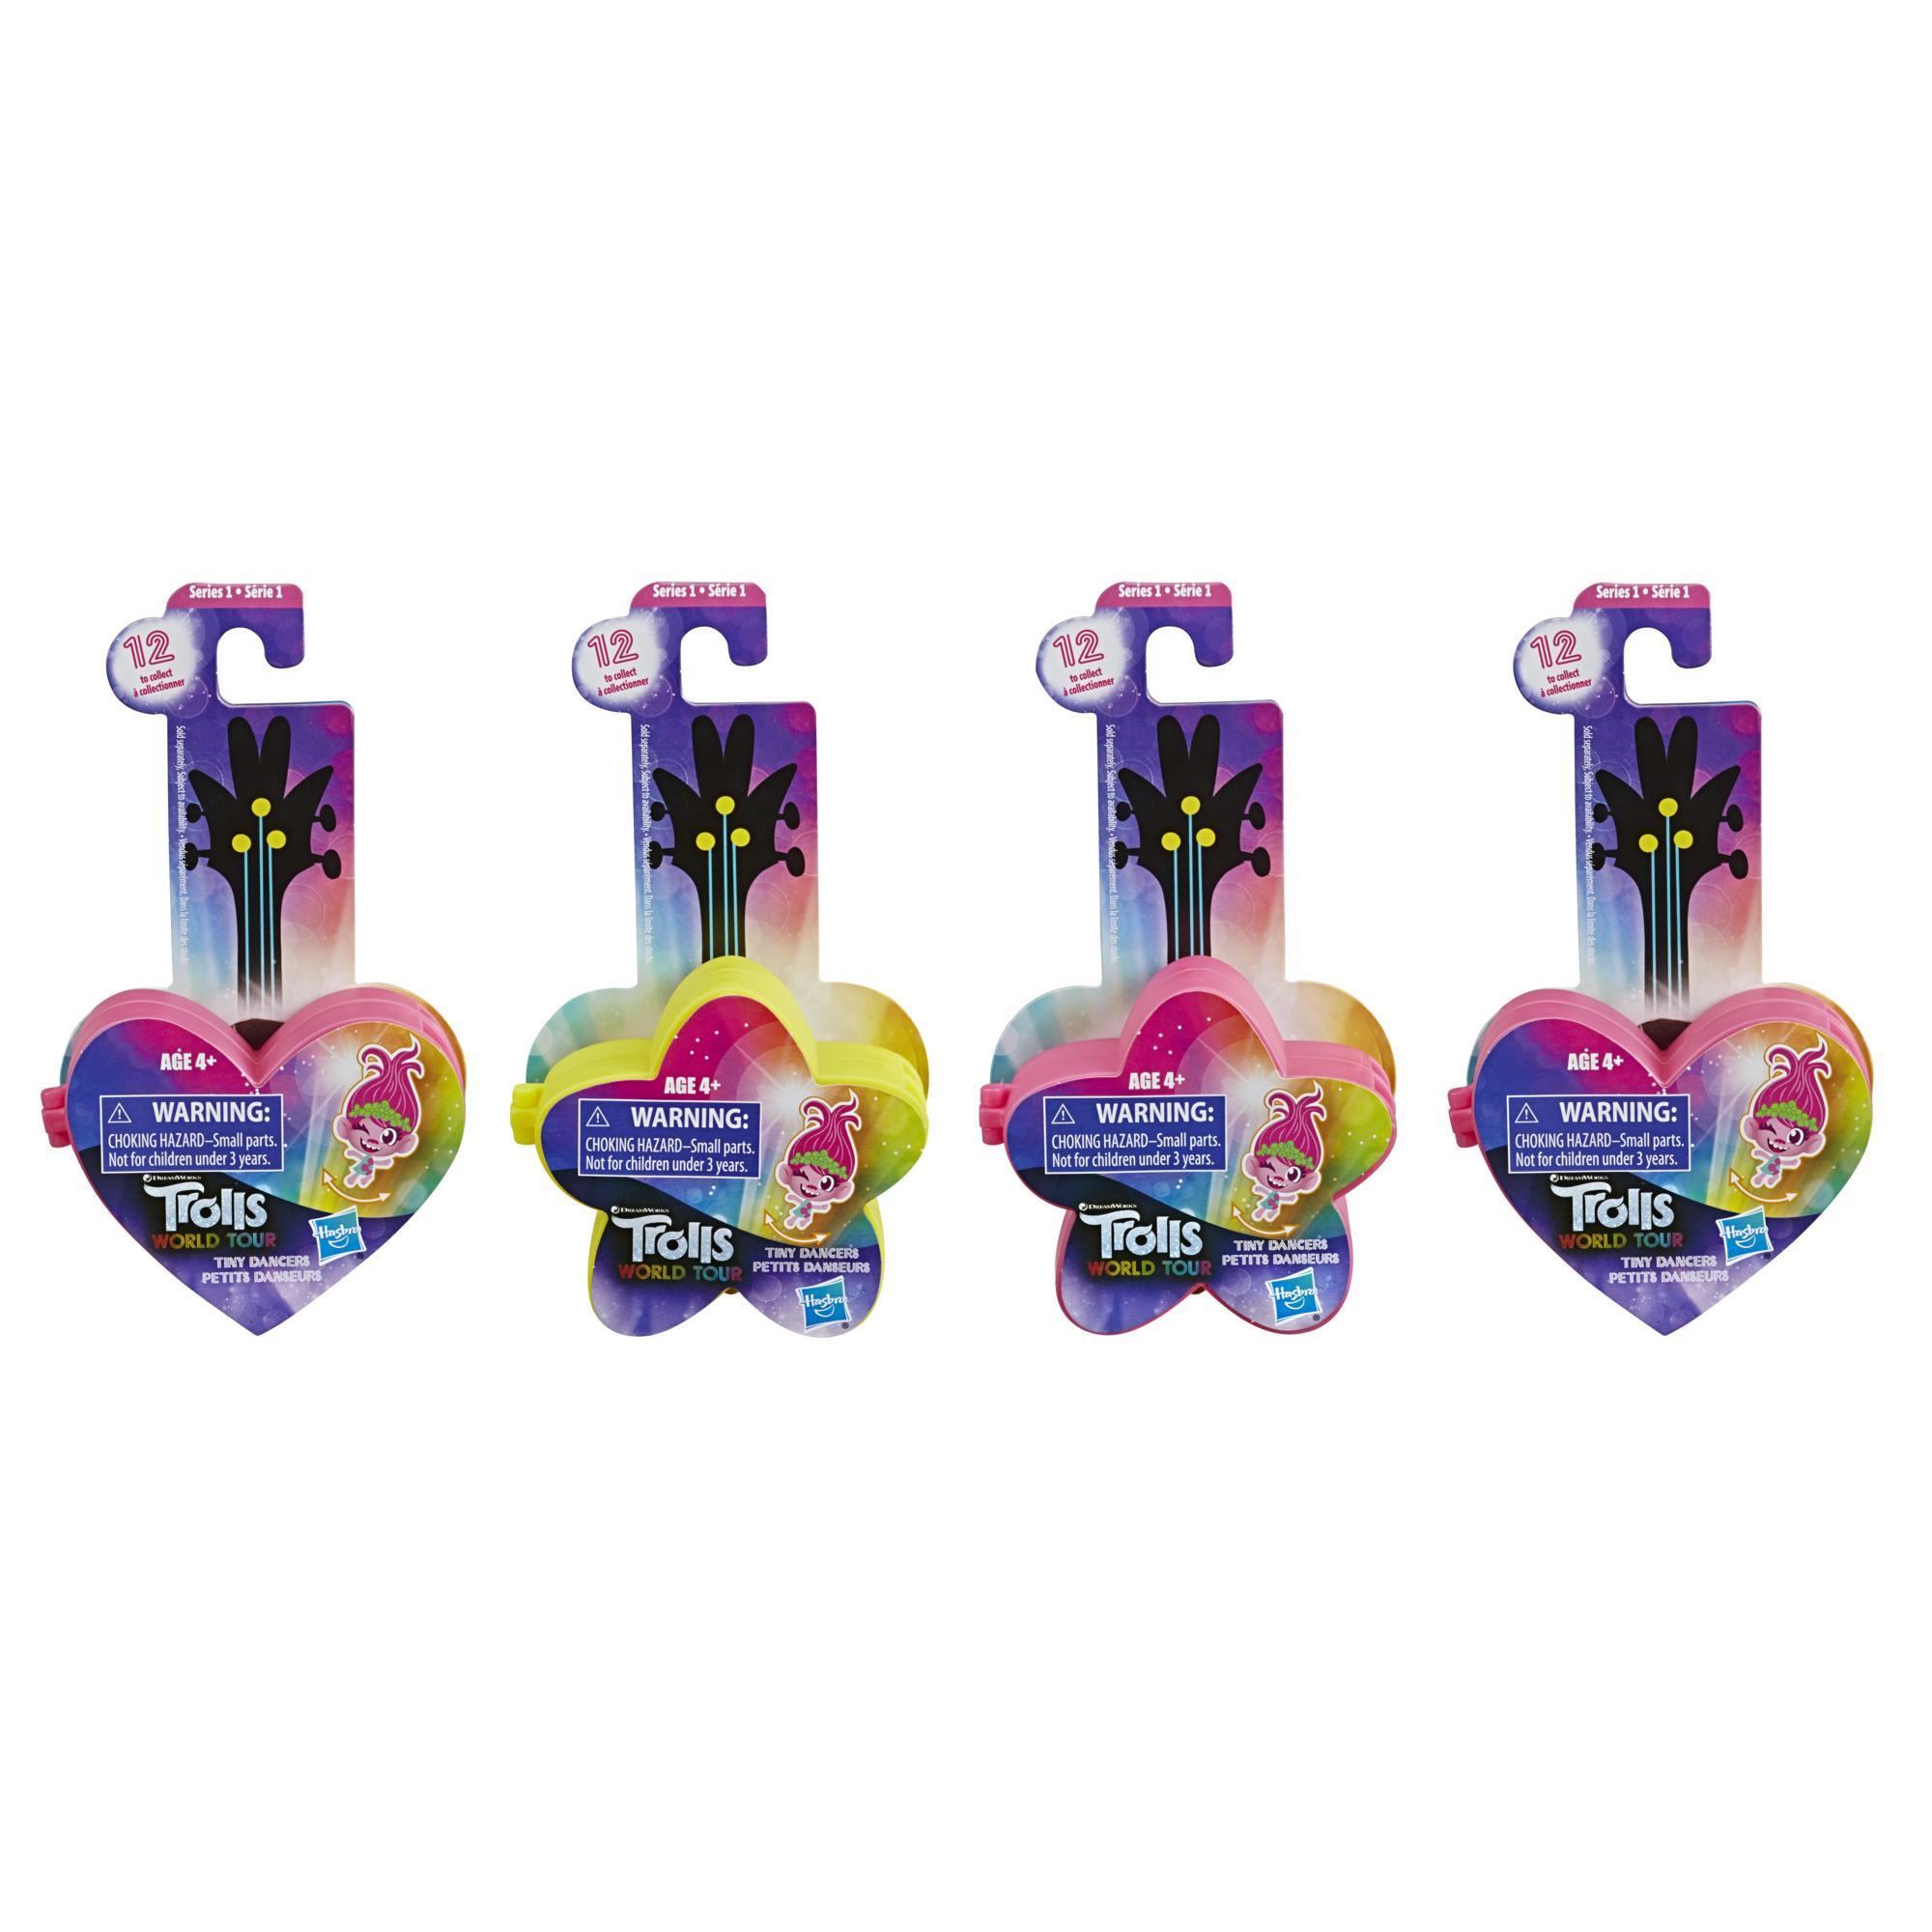 Trolls World Tour - Tiny Dancers Serie 1 (confezione sorpresa da 4 bambole, include mollette, anelli ed occhiali)